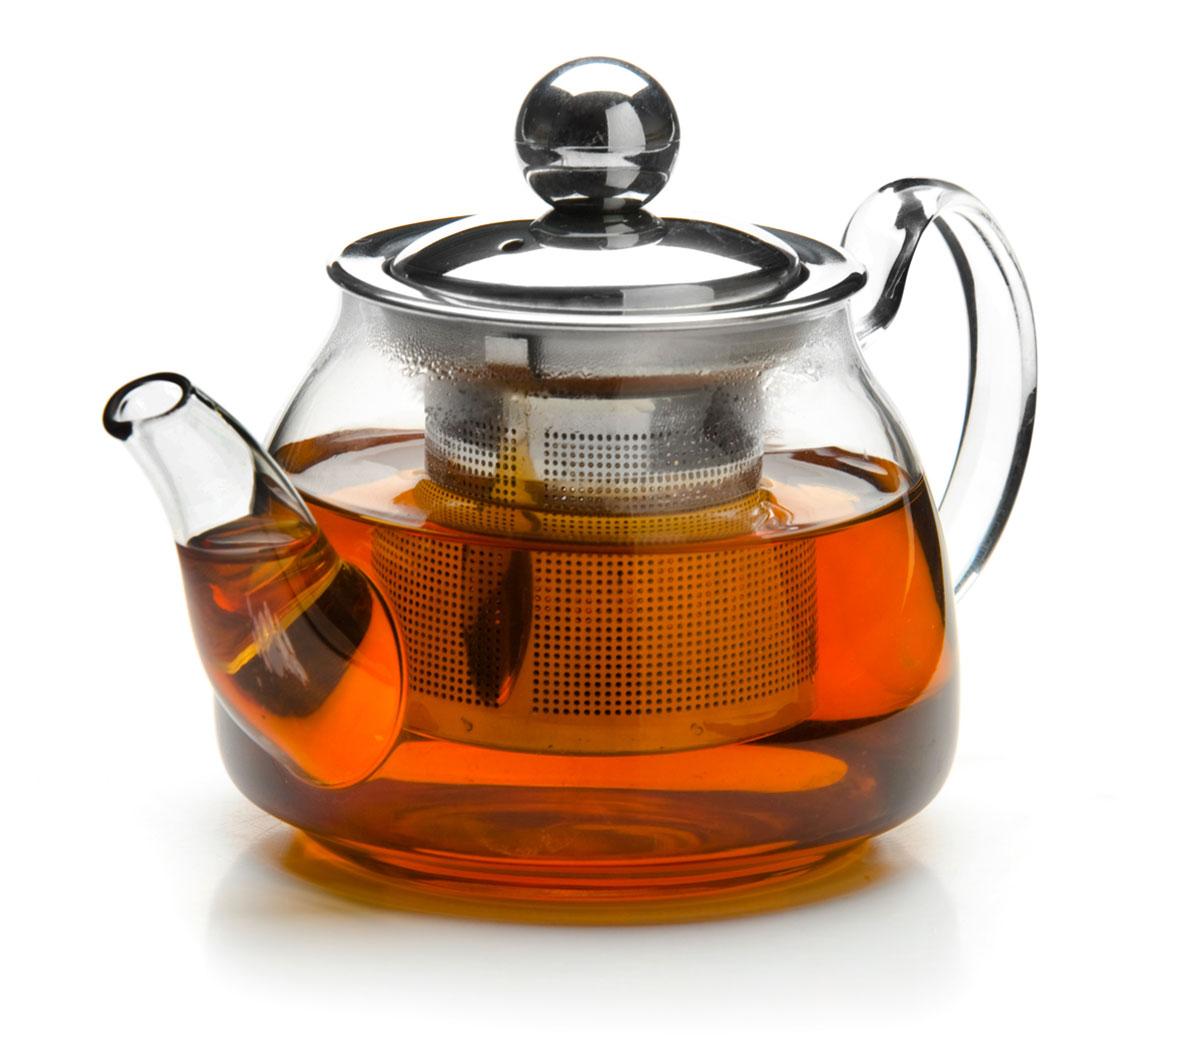 Чайник заварочный Mayer & Boch, с ситом, 200 мл. 2619926199Заварочный чайник Mayer & Boch изготовлен из термостойкого боросиликатного стекла, крышка и фильтр выполнены из нержавеющей стали. Изделия из стекла не впитывают запахи, благодаря чему вы всегда получите натуральный, насыщенный вкус и аромат напитков. Заварочный чайник из стекла удобно использовать для повседневного заваривания чая практически любого сорта. Но цветочные, фруктовые, красные и желтые сорта чая лучше других раскрывают свой вкус и аромат при заваривании именно в стеклянных чайниках, а также сохраняют все полезные ферменты и витамины, содержащиеся в чайных листах. Стальной фильтр гарантирует прозрачность и чистоту напитка от чайных листьев, при этом сохранив букет и насыщенность чая. Прозрачные стенки чайника дают возможность насладиться насыщенным цветом заваренного чая.Изящный заварочный чайник Mayer & Boch будет прекрасно смотреться в любом интерьере. Подходит для мытья в посудомоечной машине.